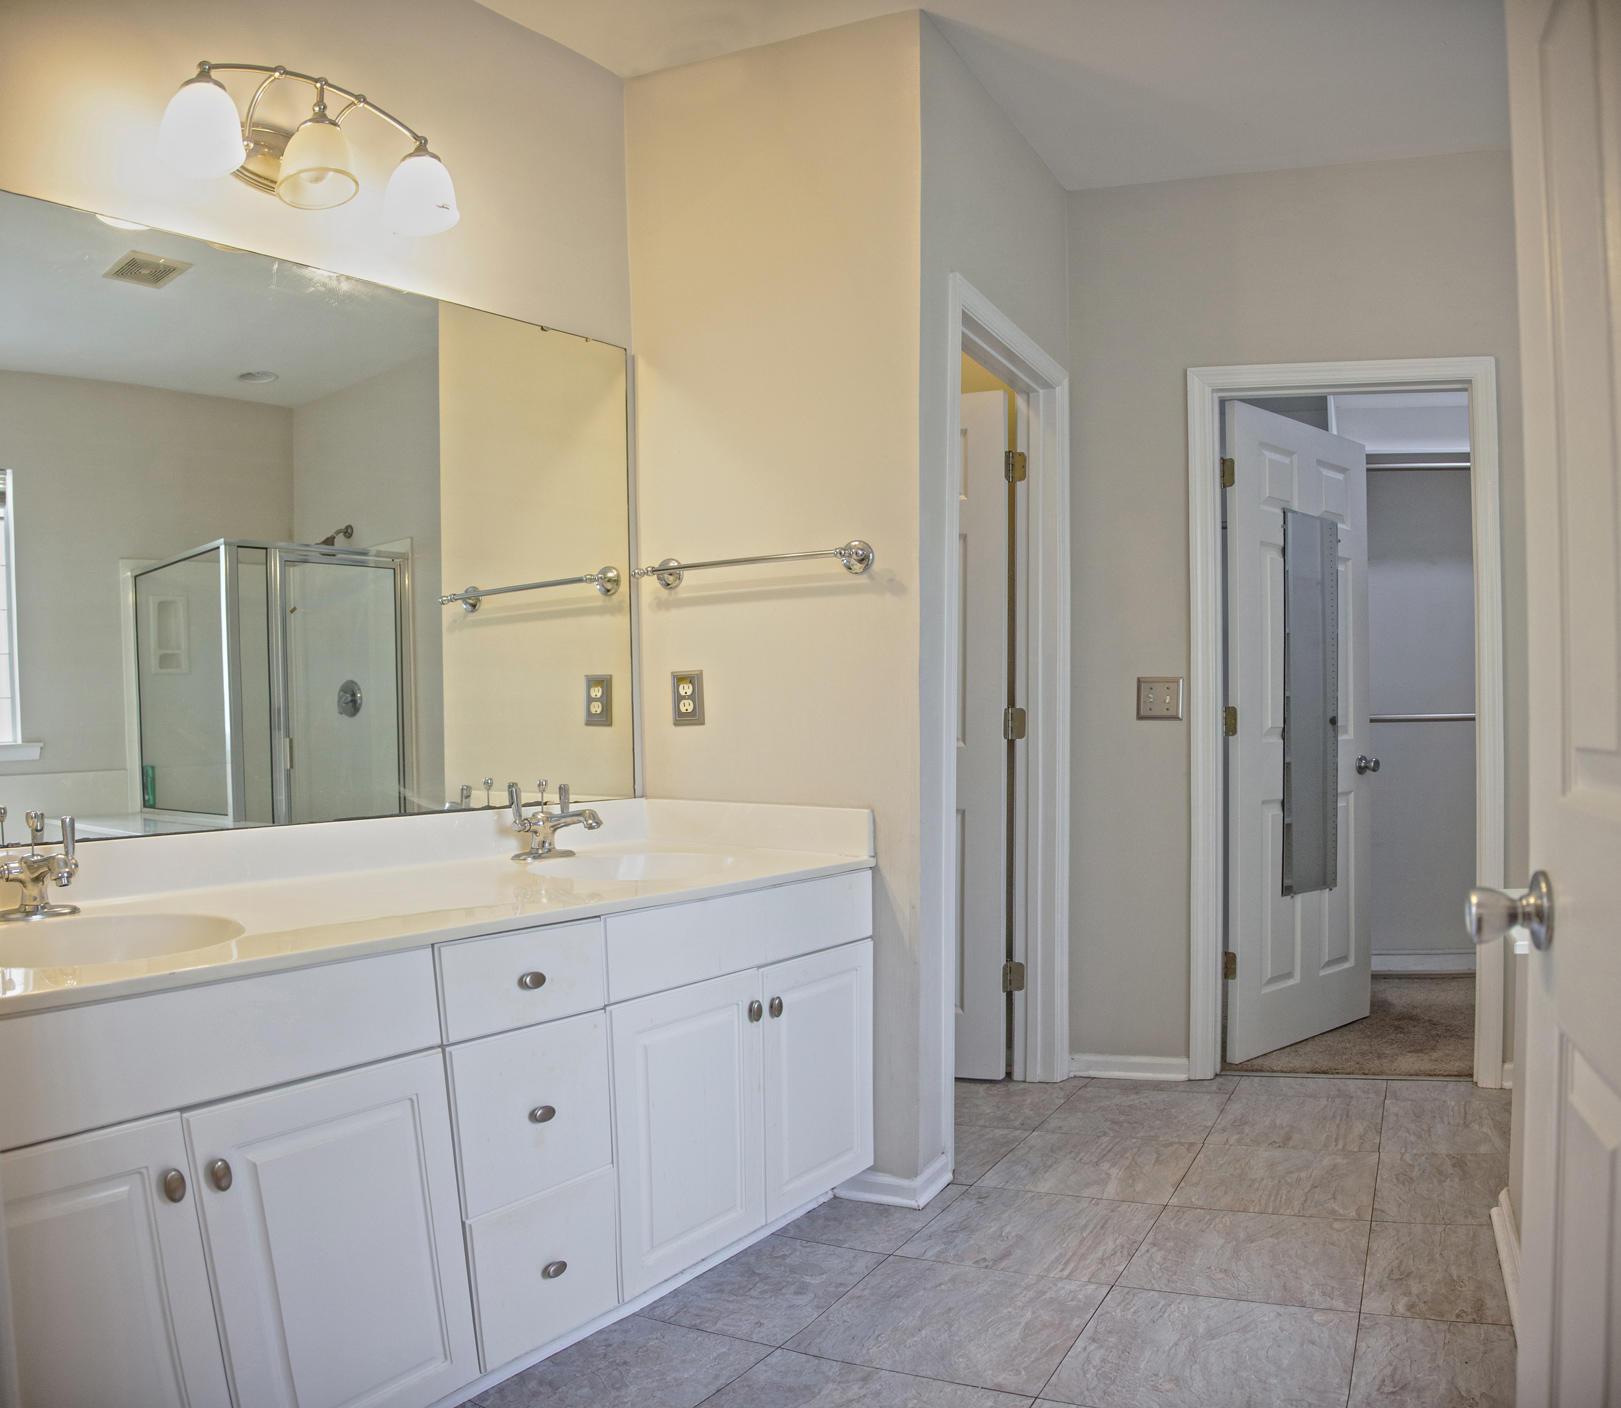 Park West Homes For Sale - 3190 John Bartram Place, Mount Pleasant, SC - 43